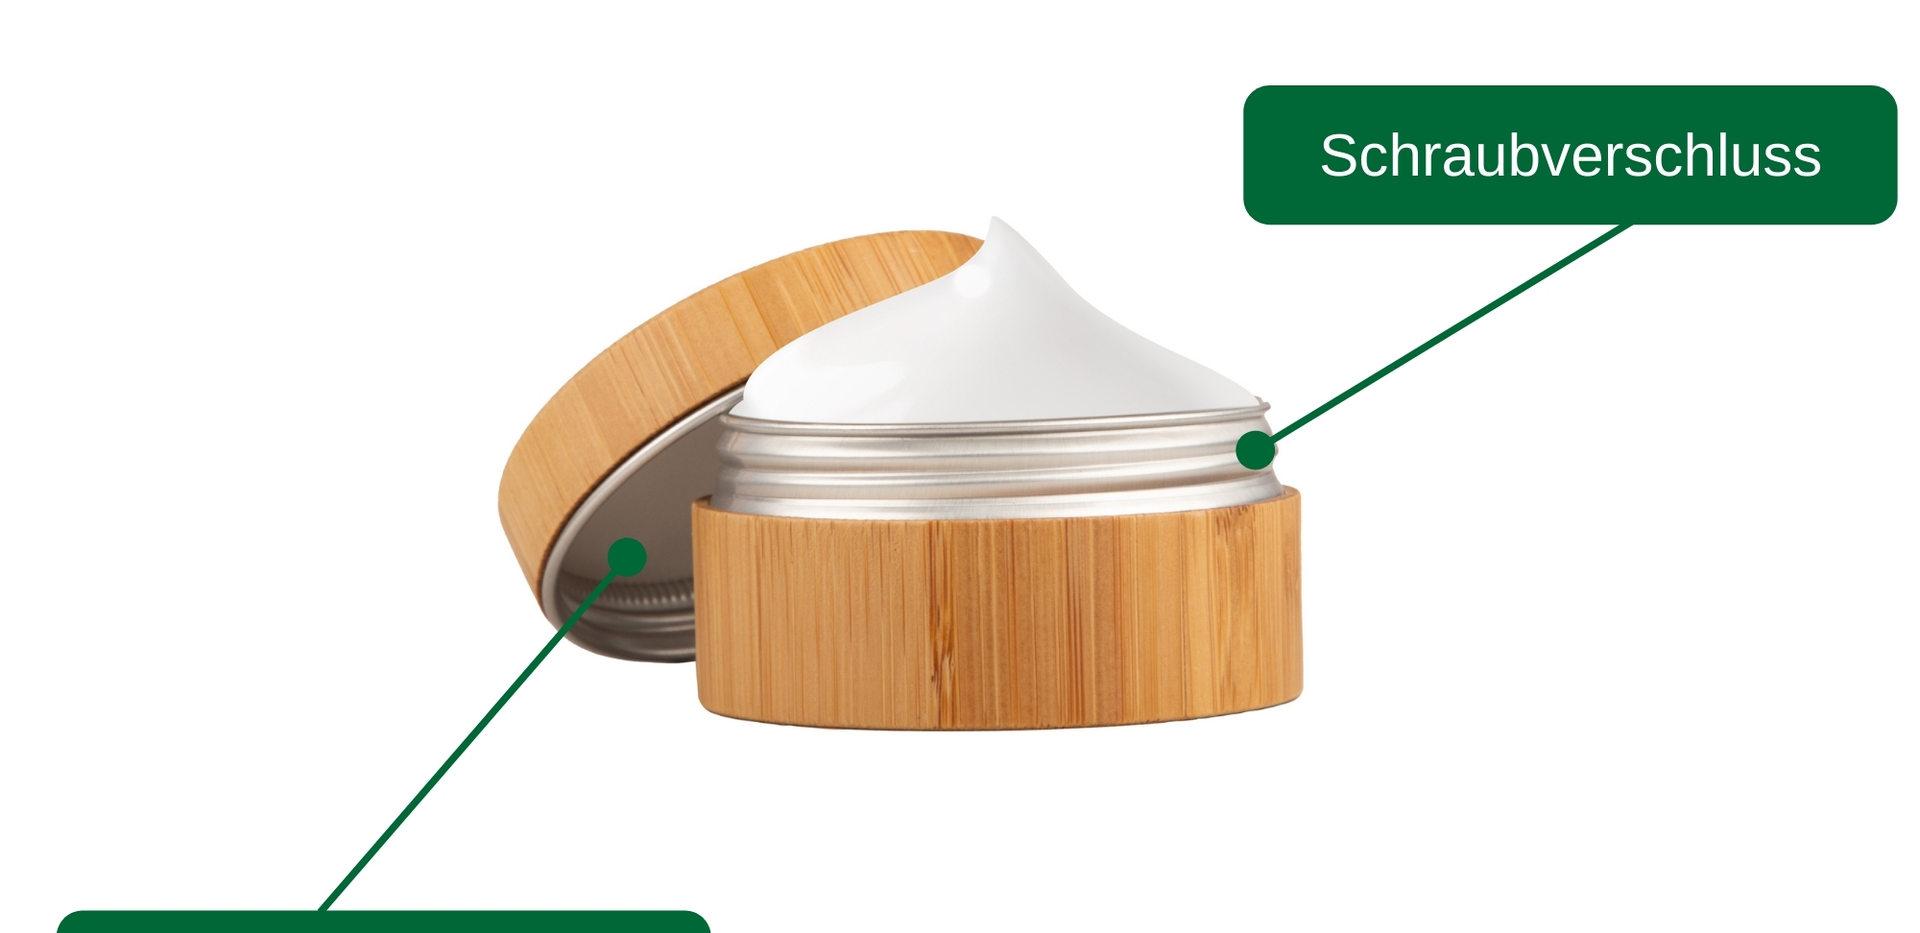 Durch den dichten Verschluss können selbst Cremes und Kosmetik sorgenfrei mitgenommen werden